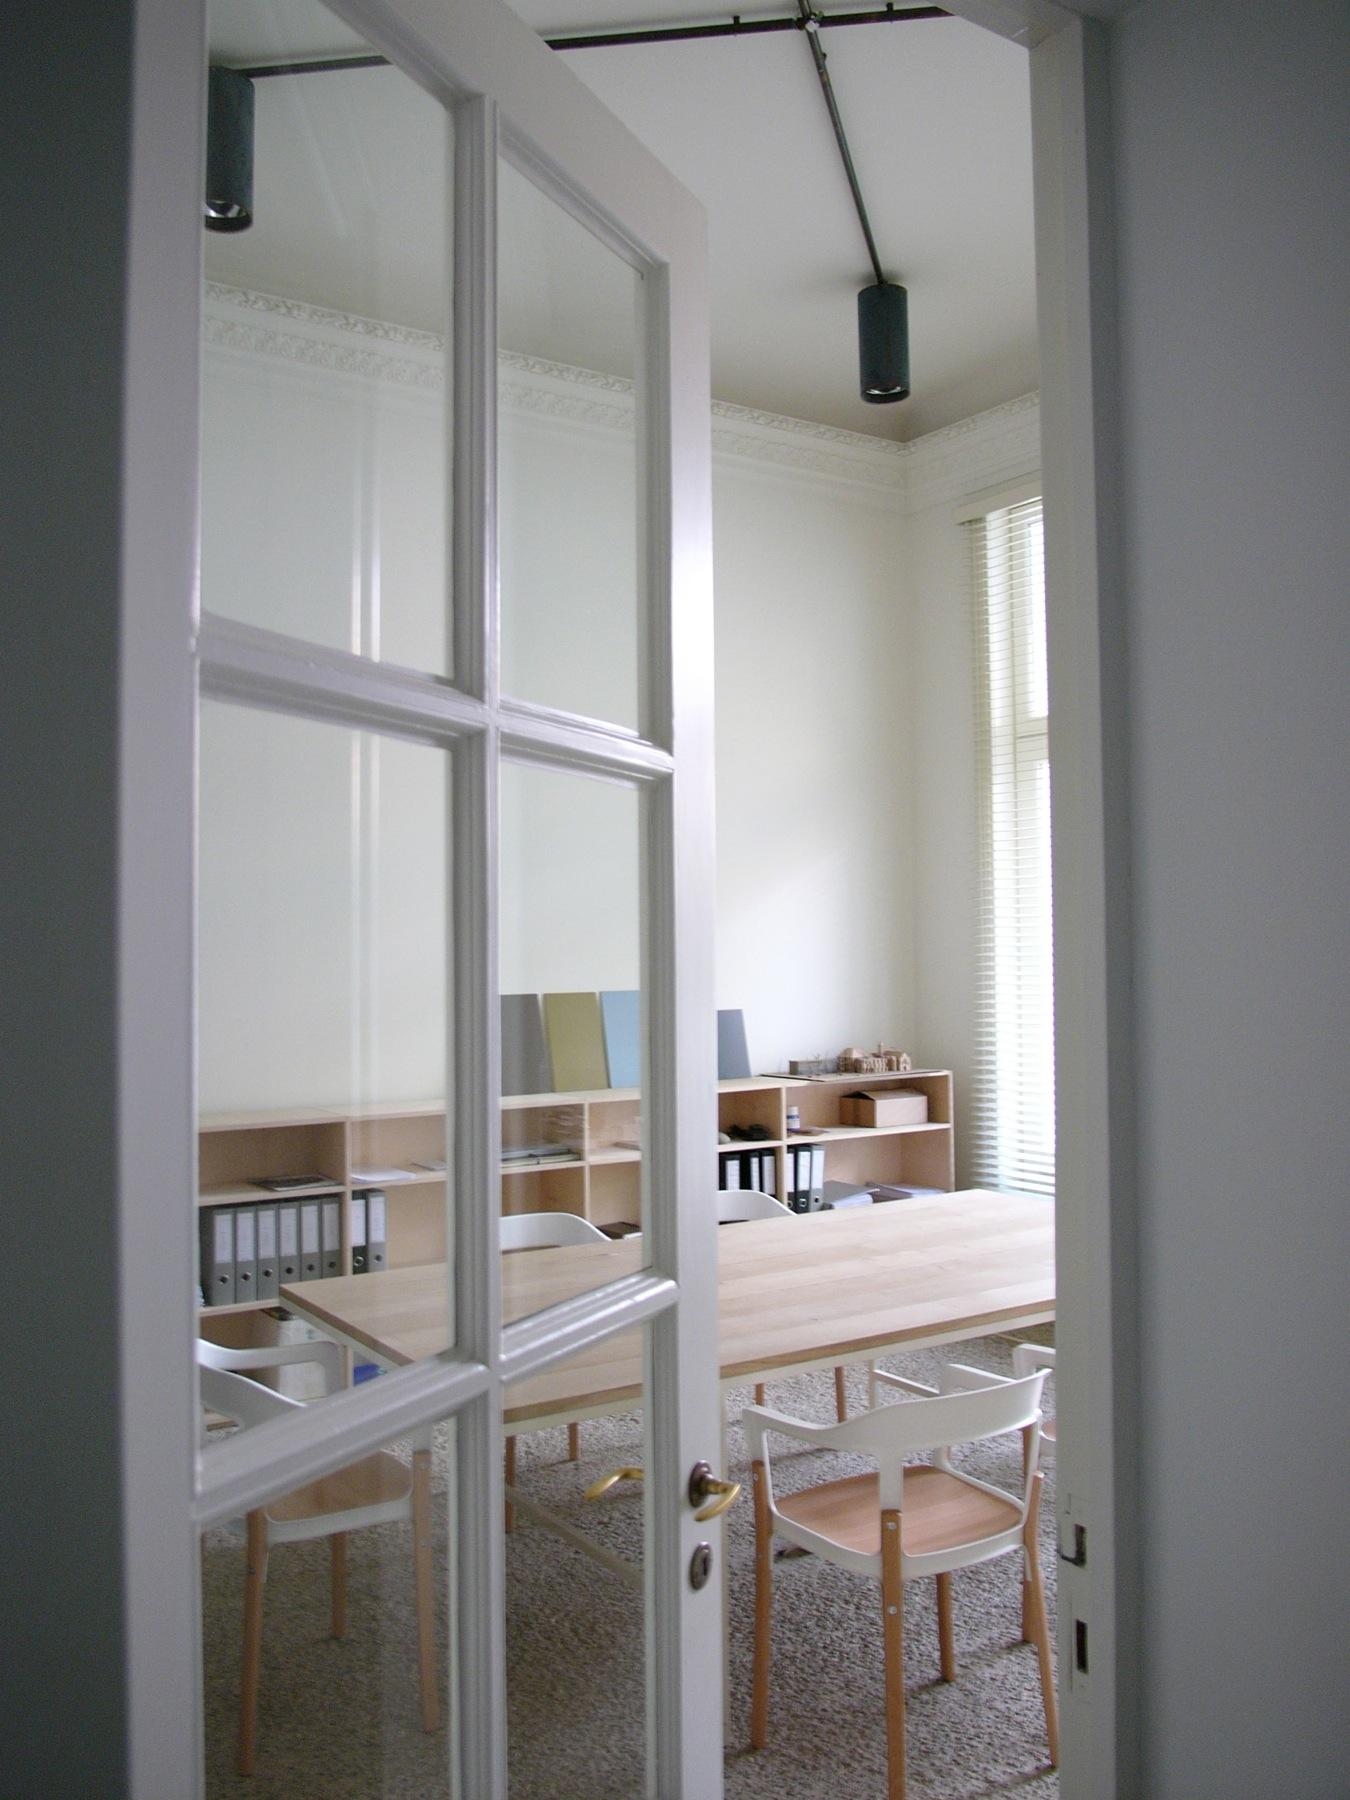 Hans verstuyft architecten for Interieur 2000 kortrijk